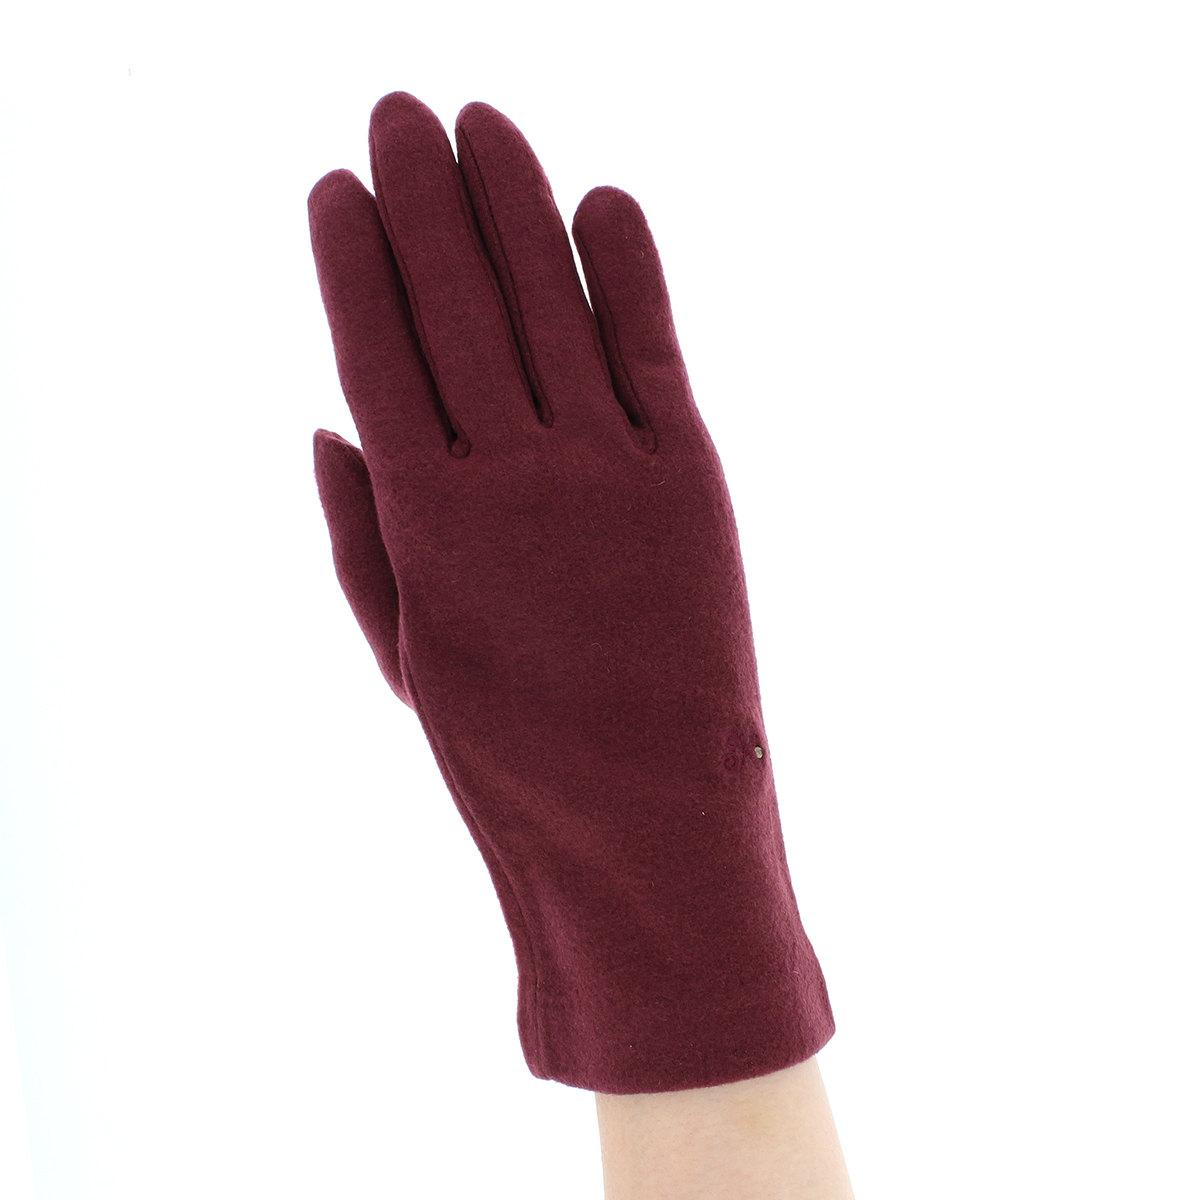 カナナプロジェクト レディース 抗菌 抗ウイルス ジャージ手袋 クレンゼ 秋冬 ウイルス対策 タッチパネル スマホ対応 すべり止め付 シンプル 五本指手袋